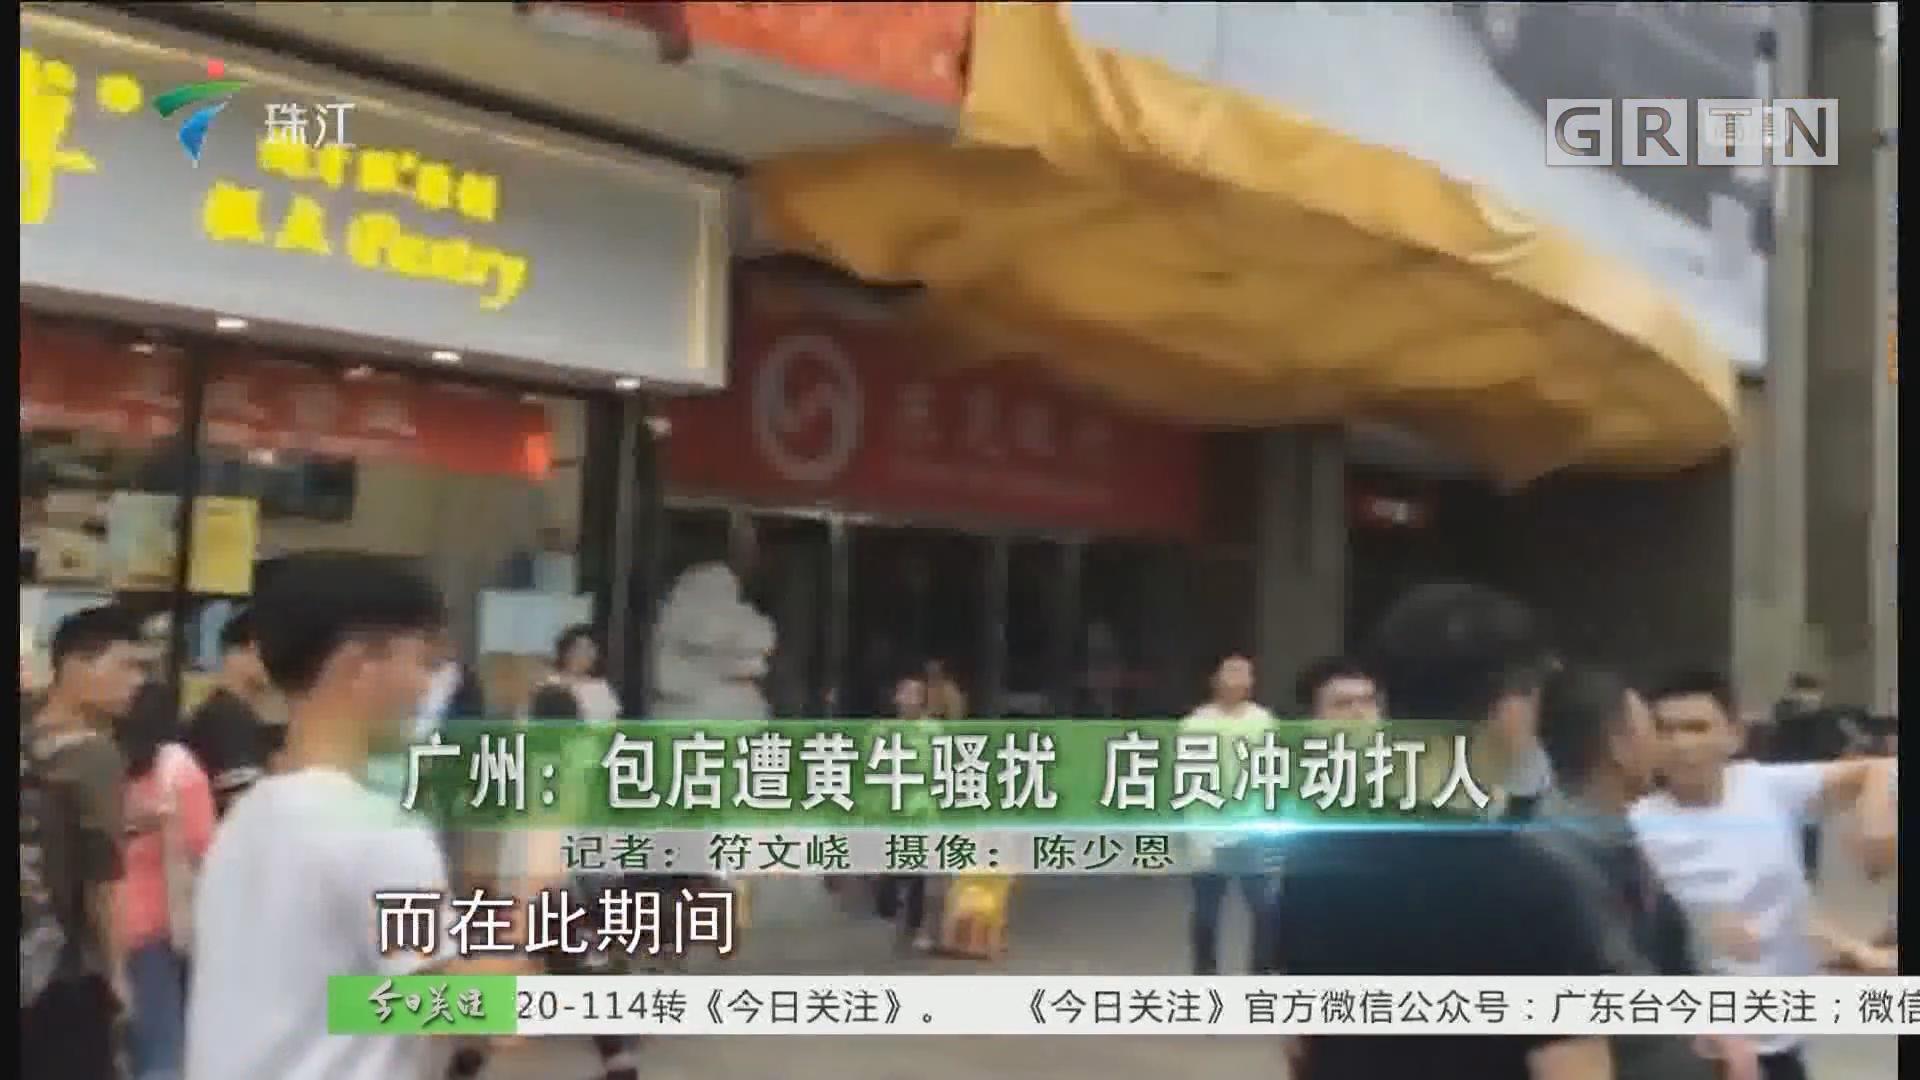 广州:包店遭黄牛骚扰 店员冲动打人